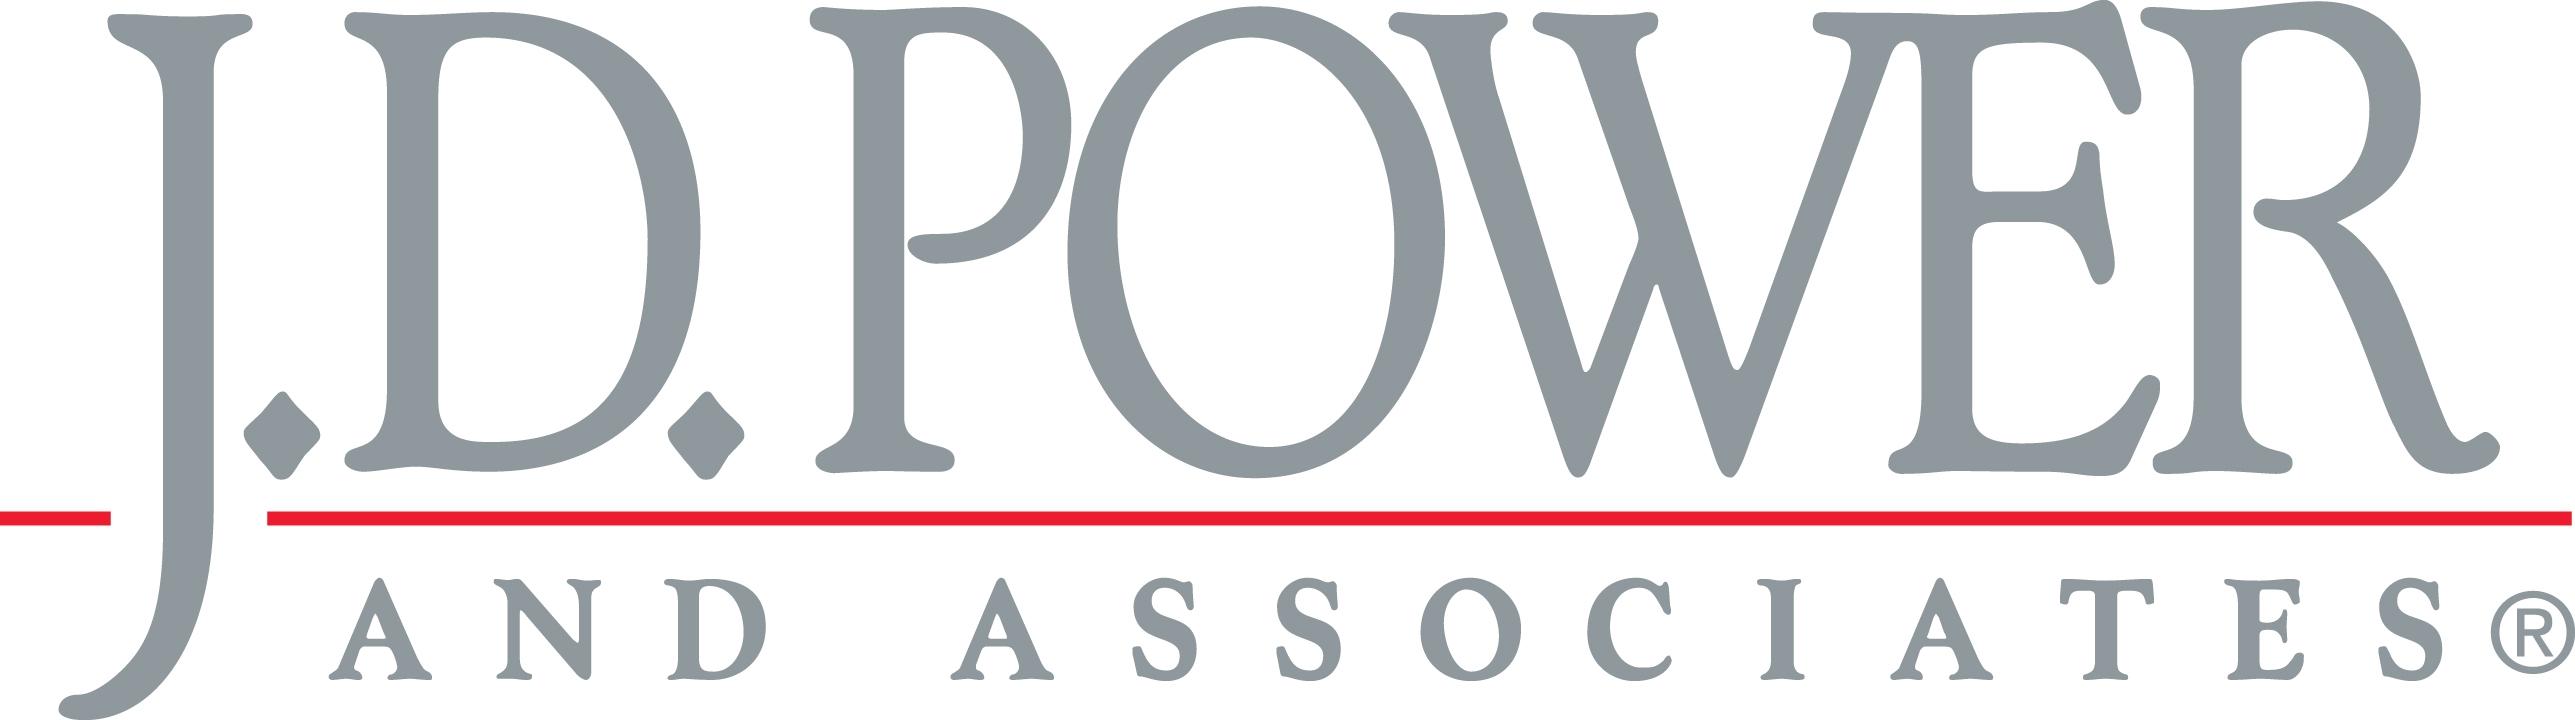 jd power logos jd power logos